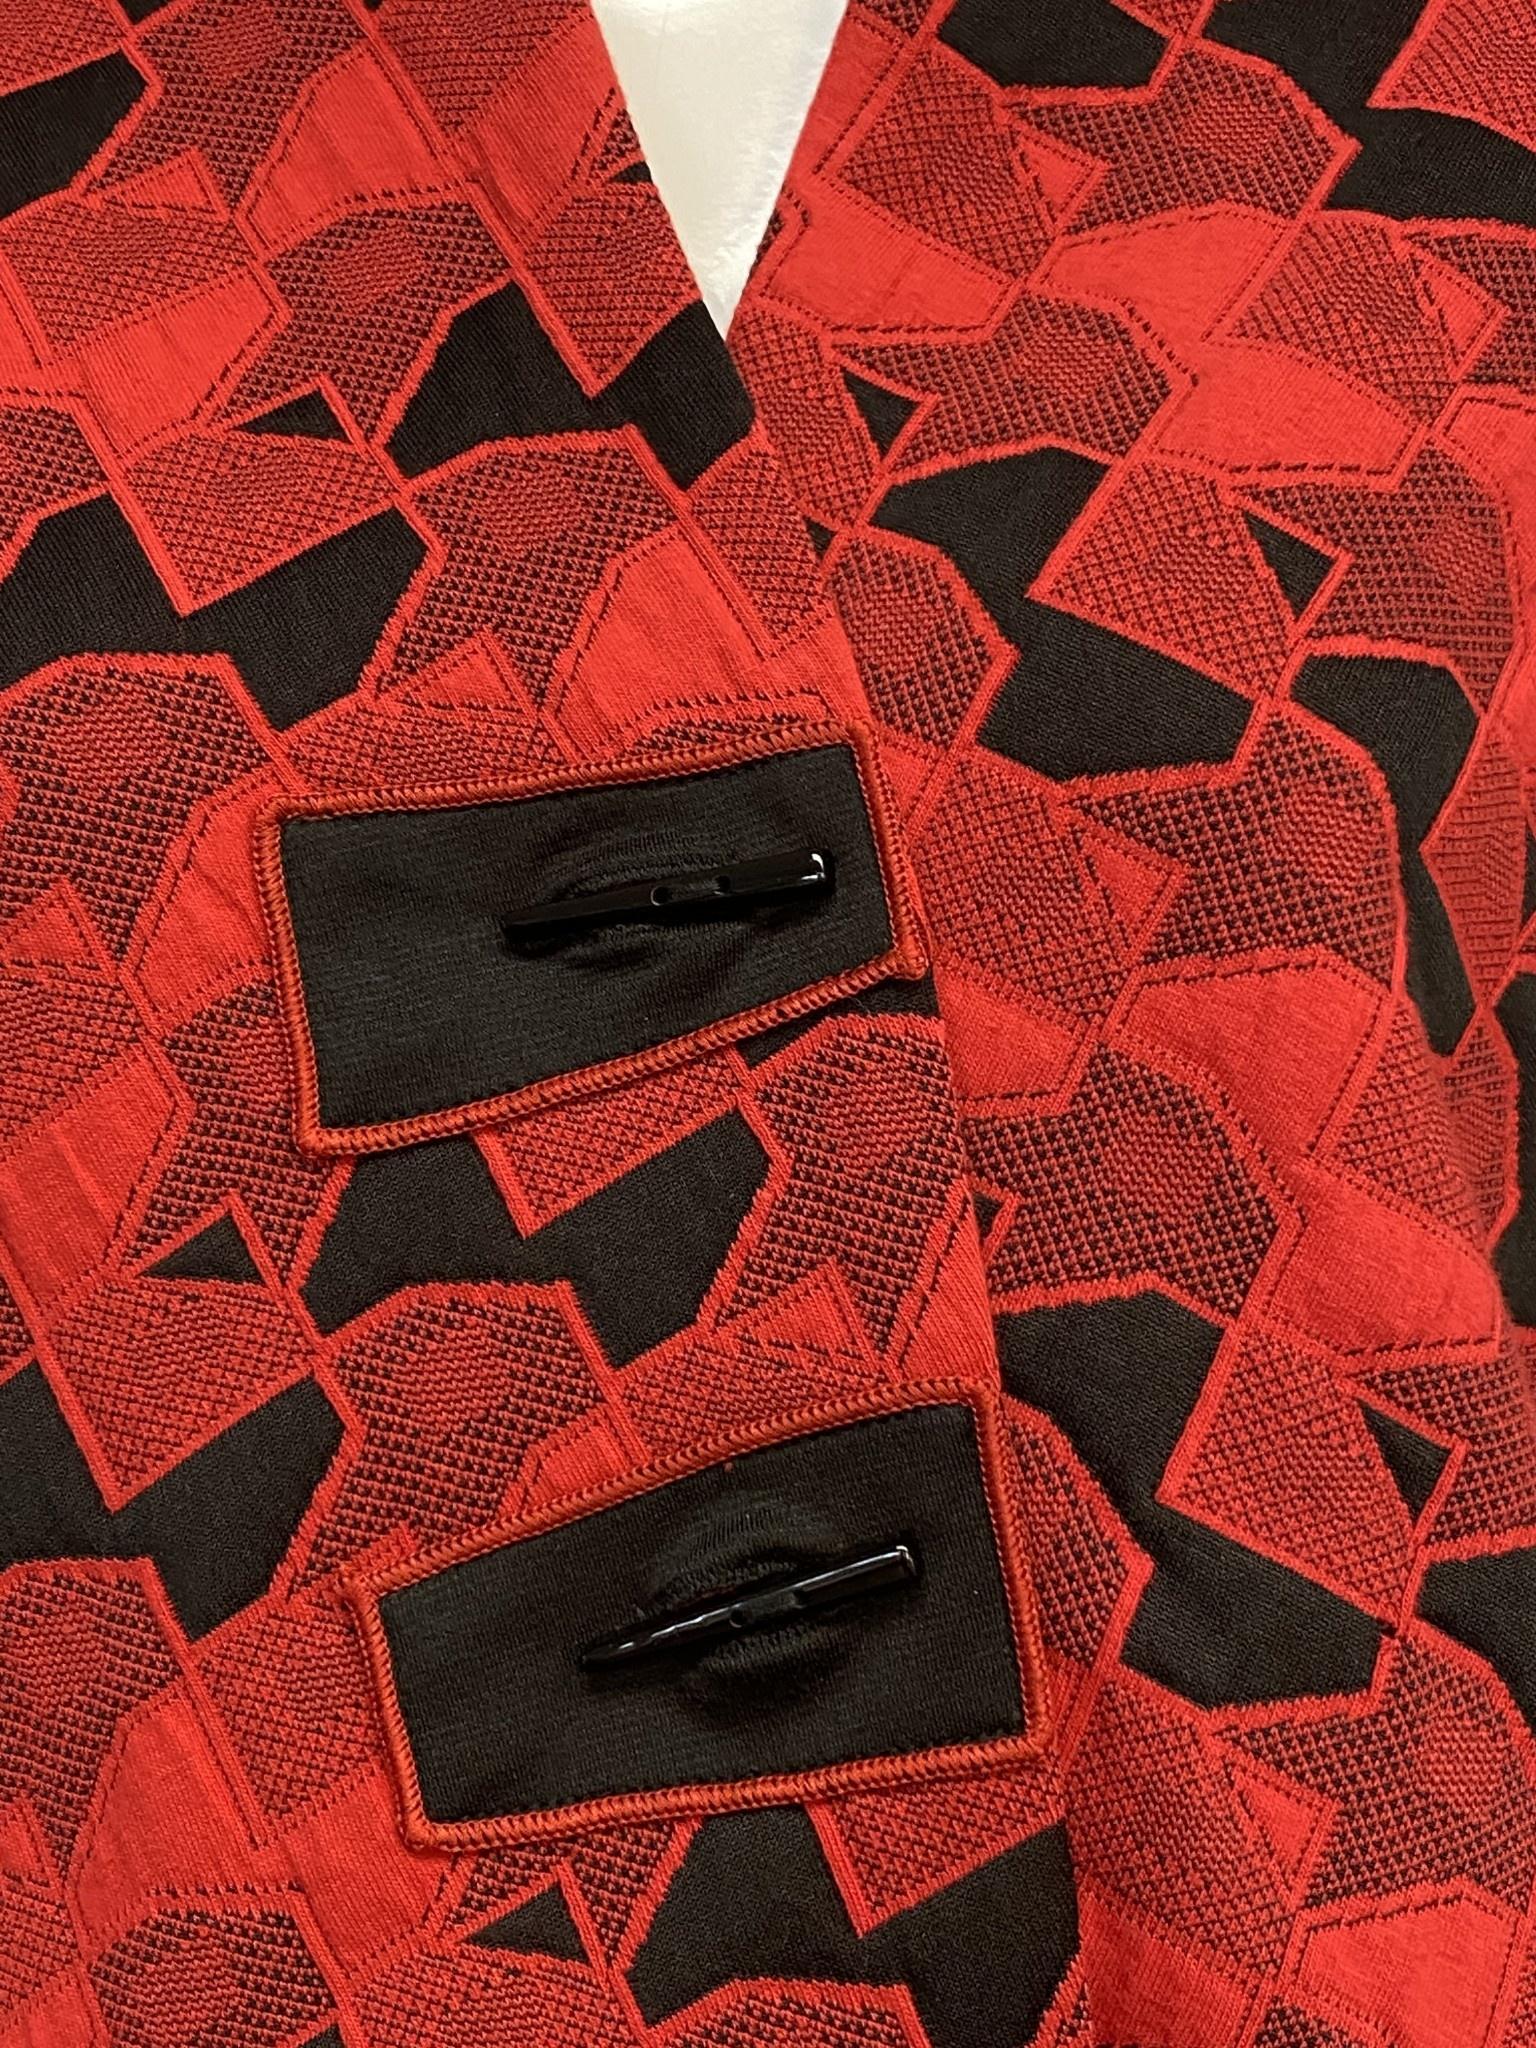 MOONLIGHT 2953 MOONLIGHT JKET RED/BLK MED